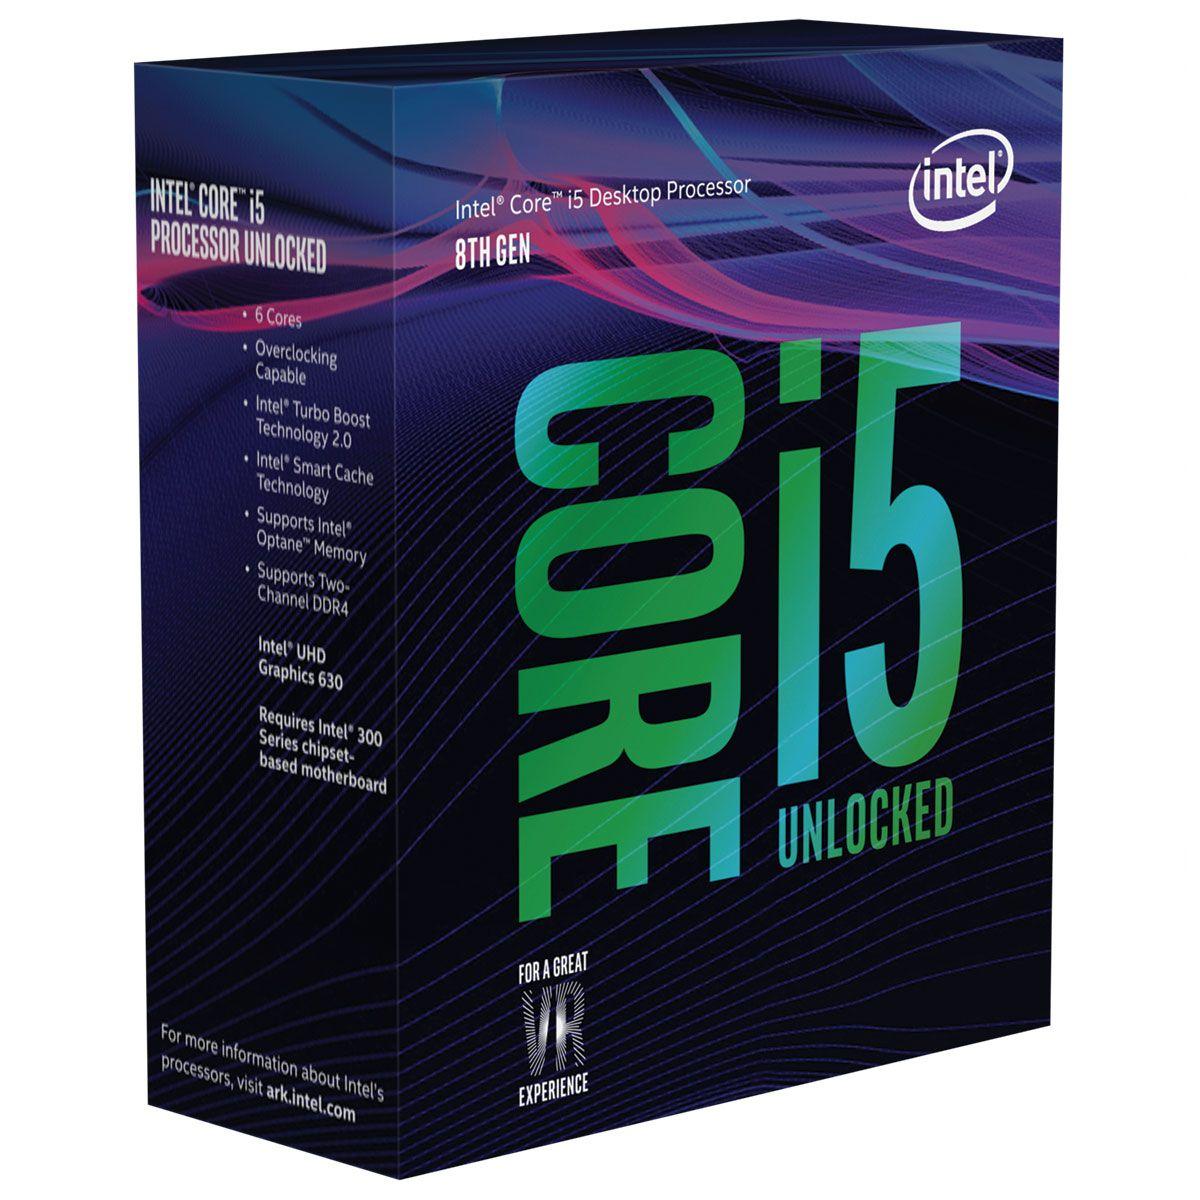 Processeur intel-core i5-8600k 3,6Ghz / 4,3Ghz